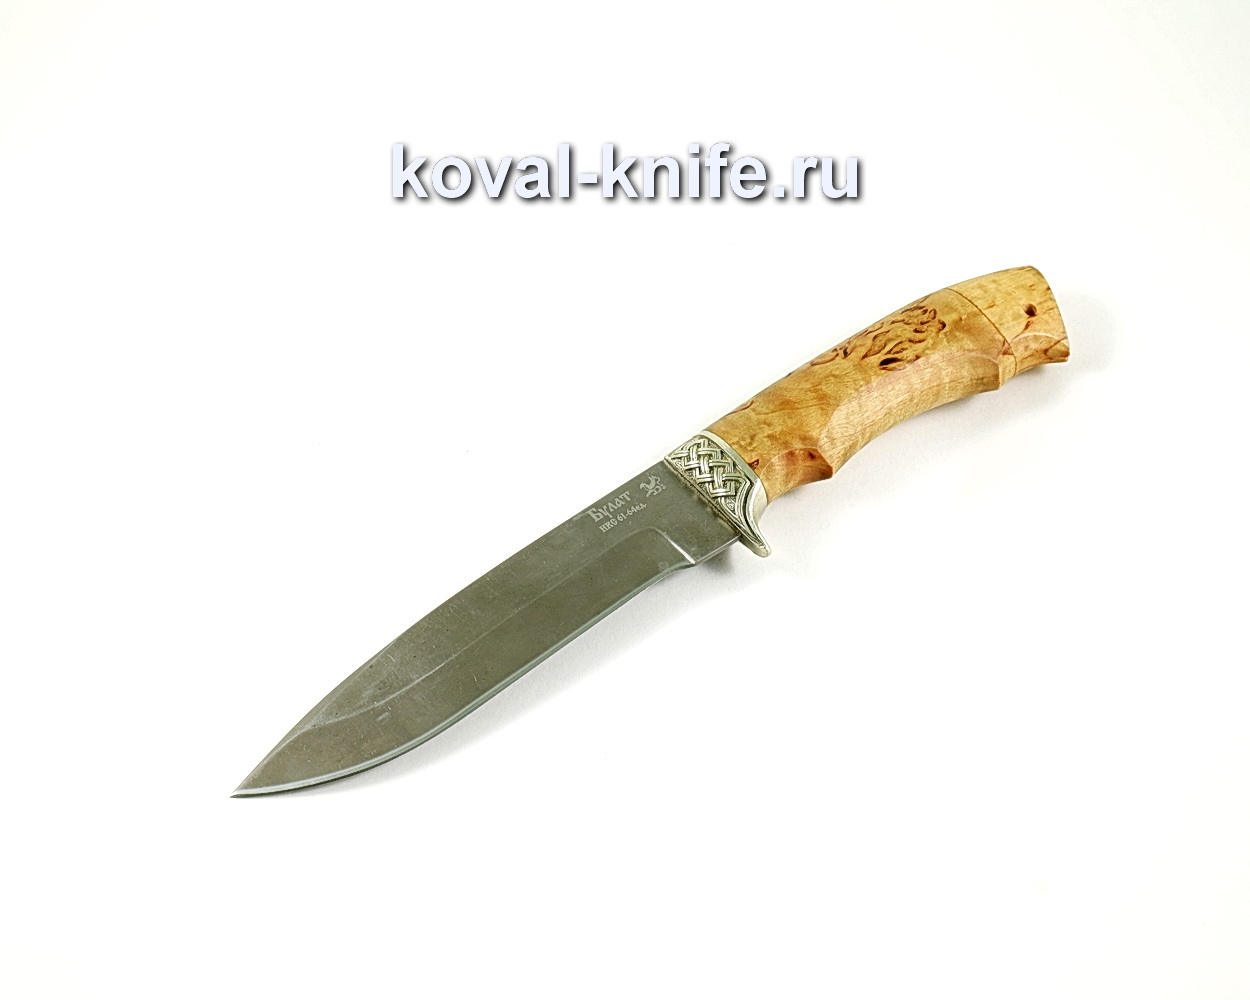 Нож Олимп (сталь Булат), рукоять карельская береза, литье A200